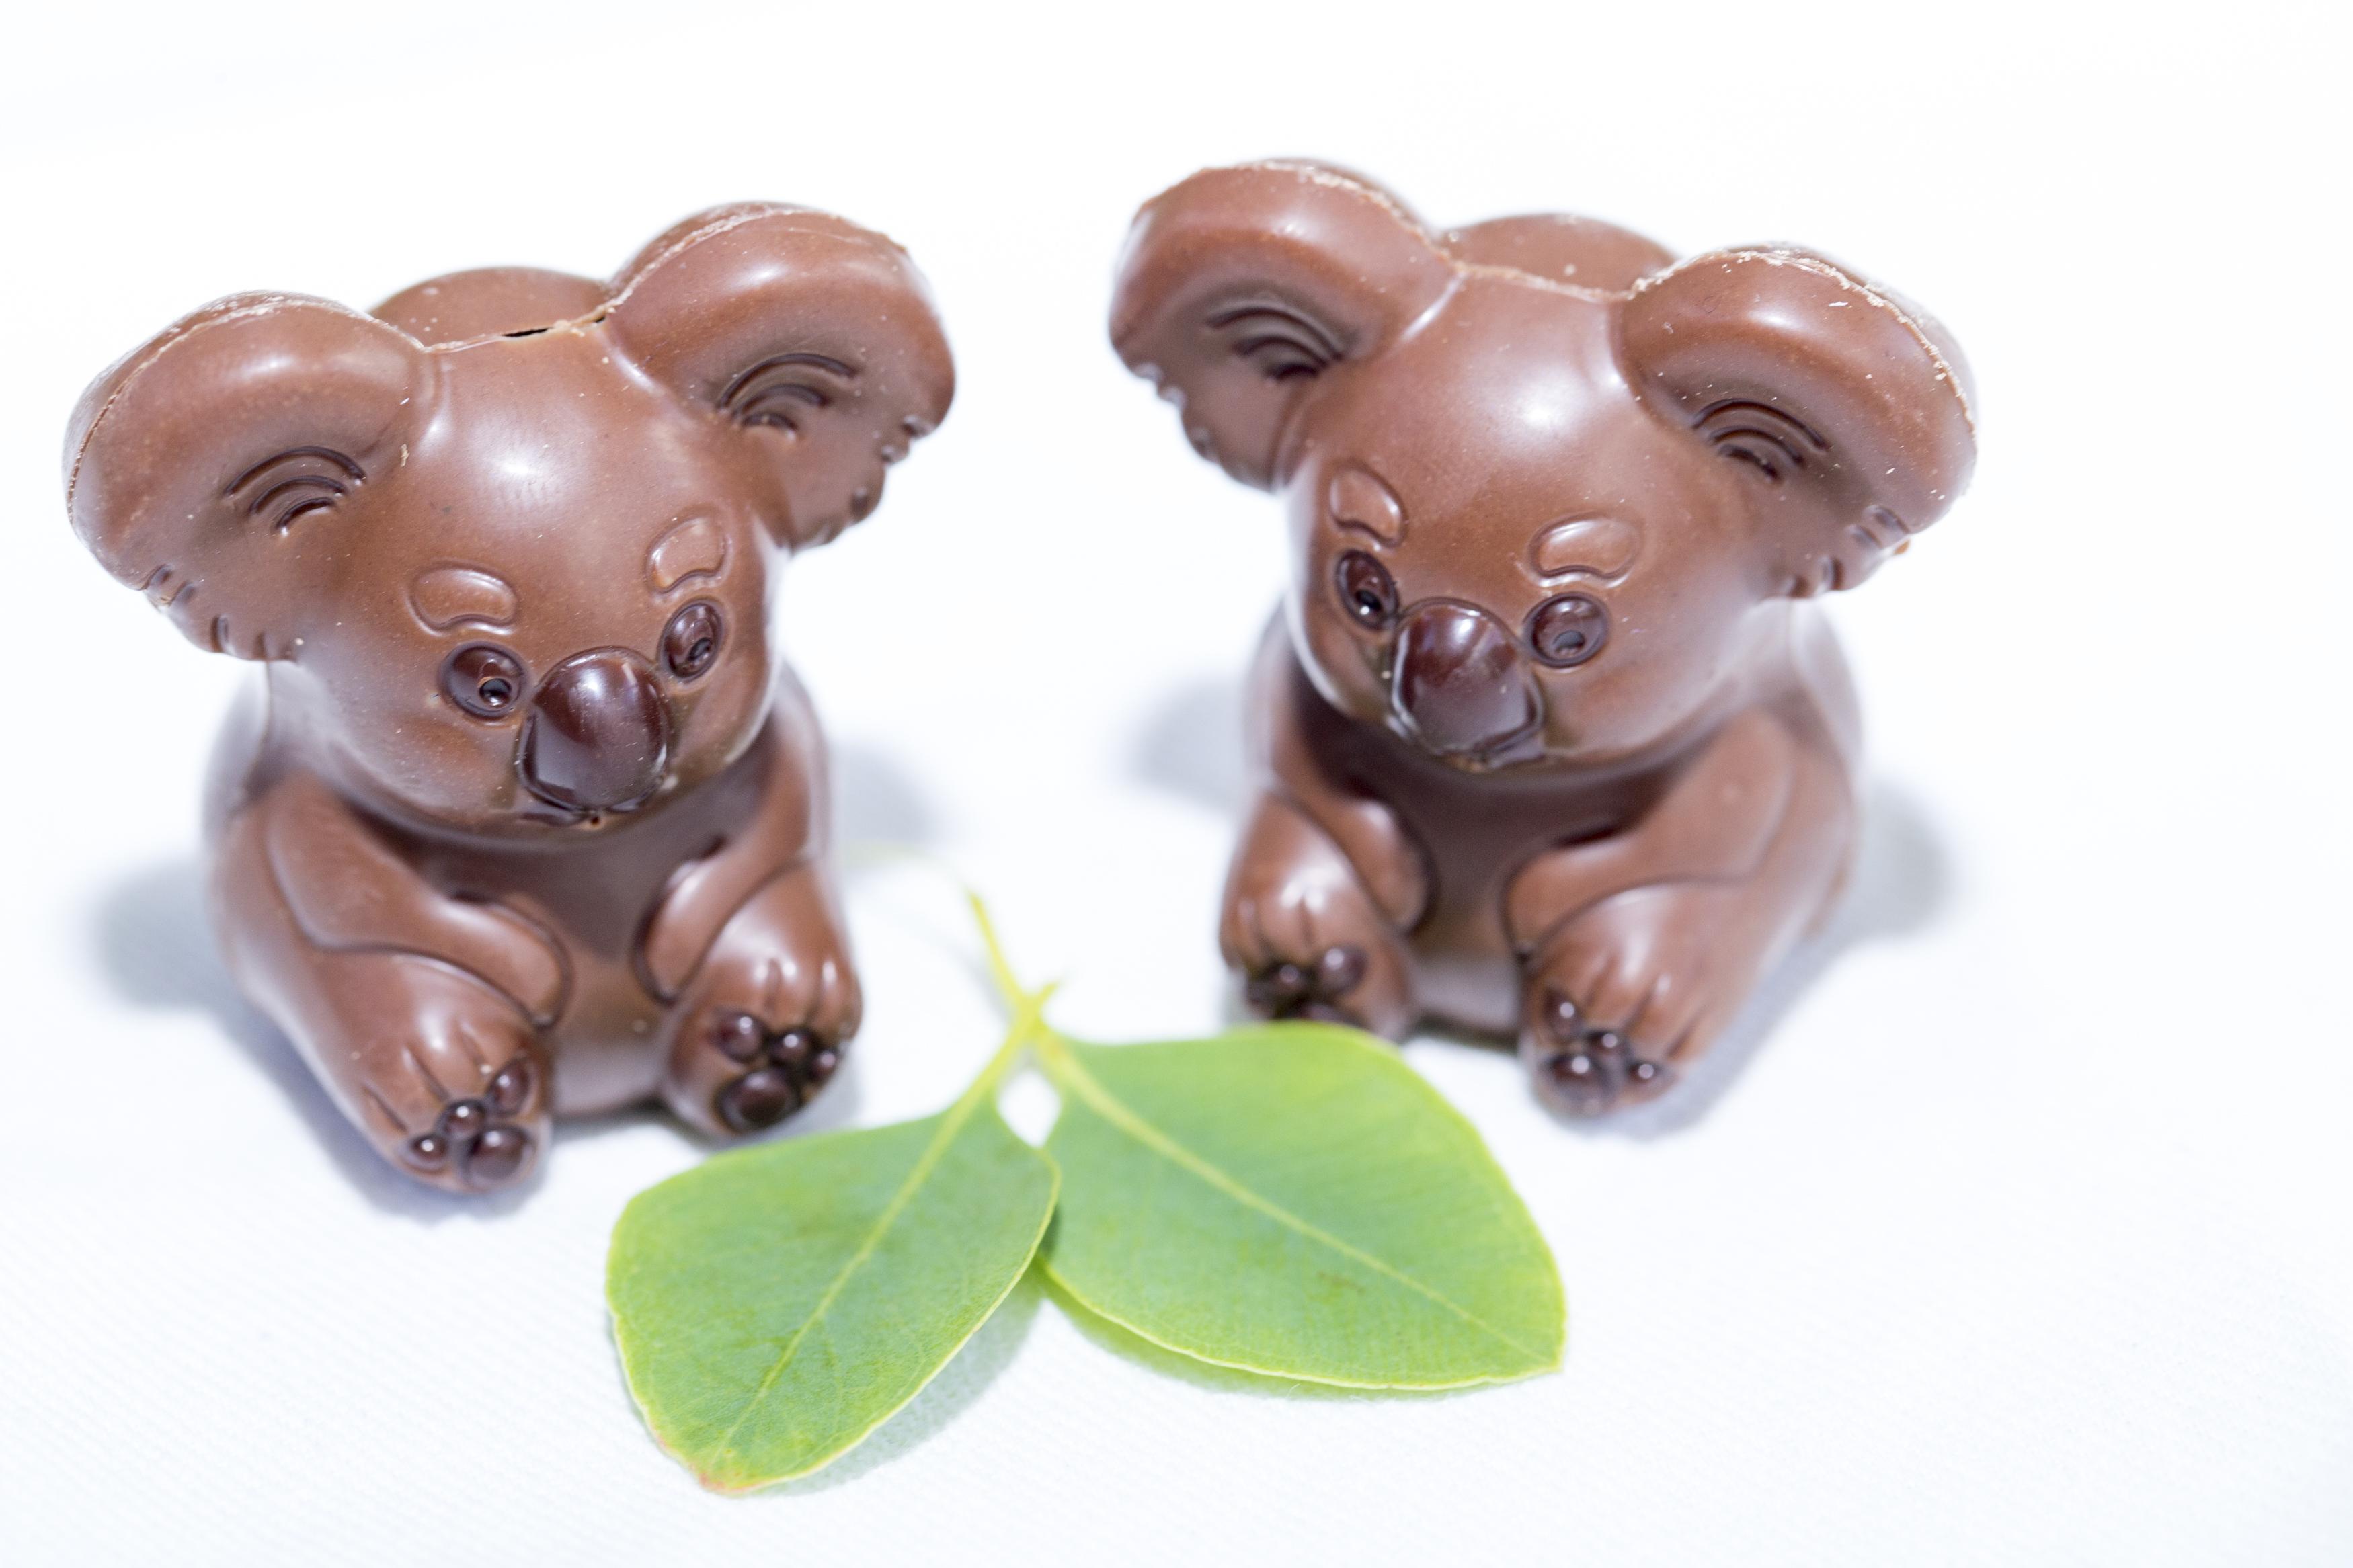 Wild Life Sydney Zoo and Oh! Boo koala chocolates